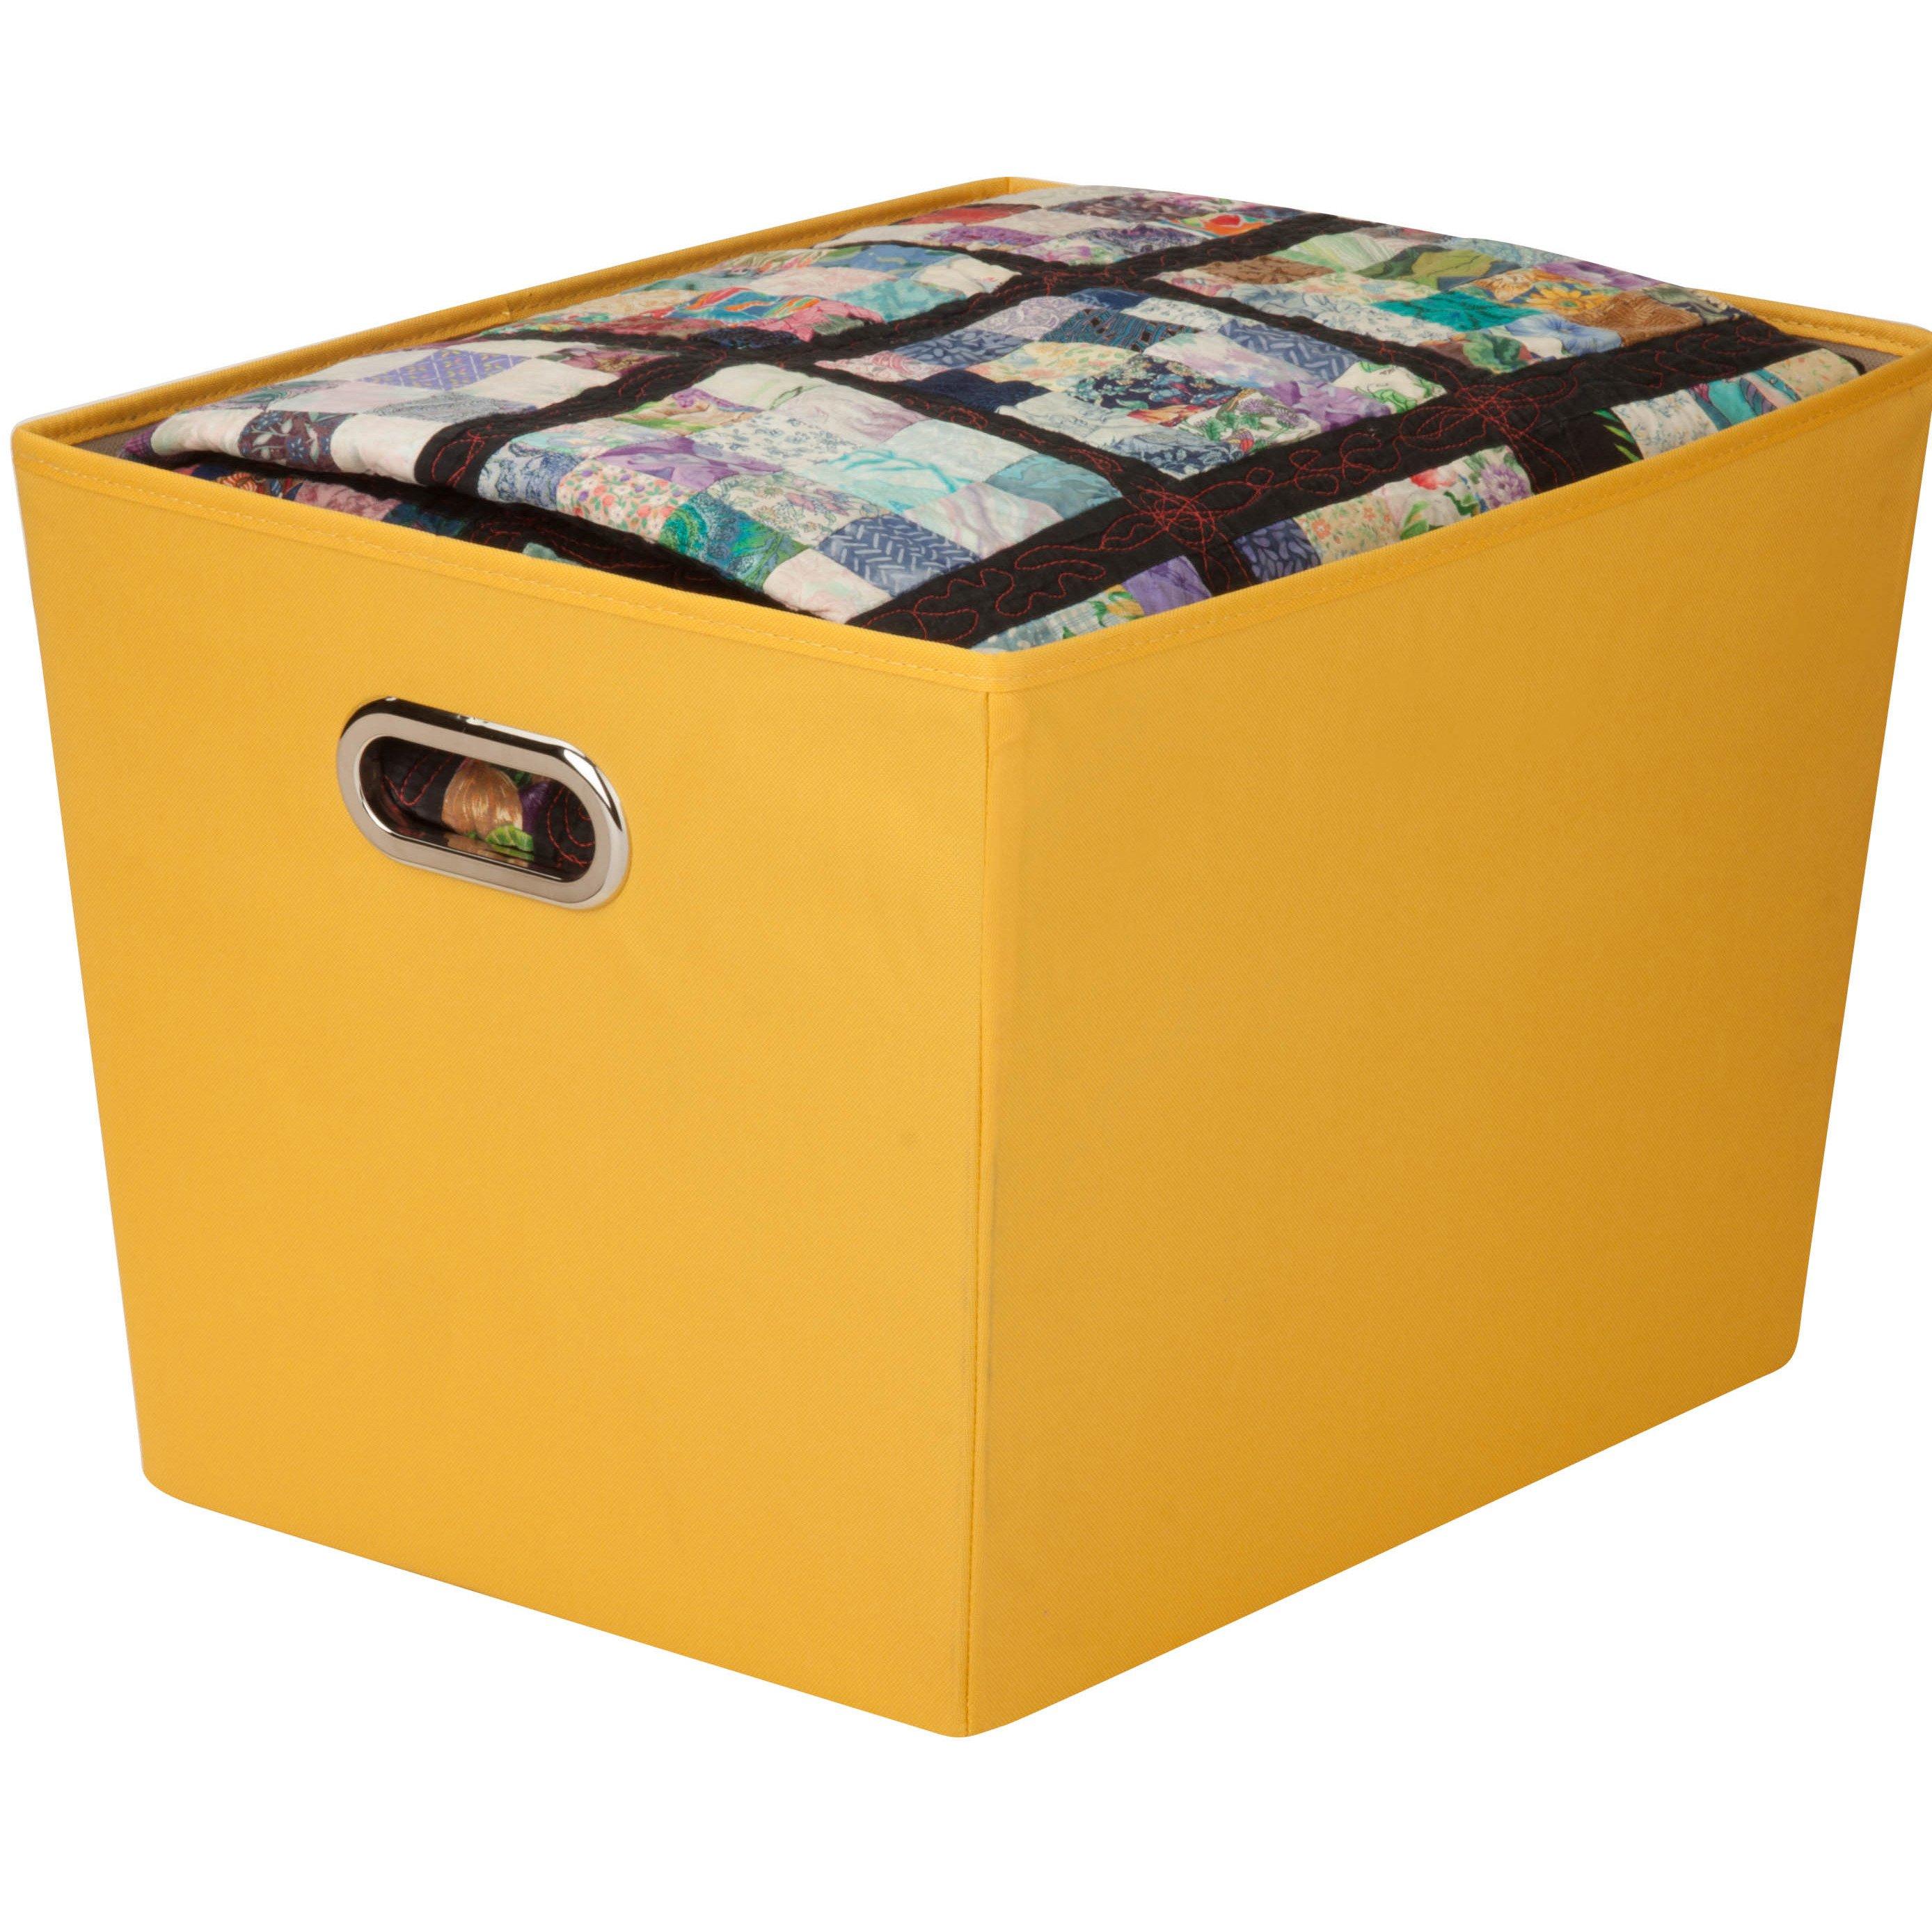 Decorative Storage Bin 18 5 X14 X12